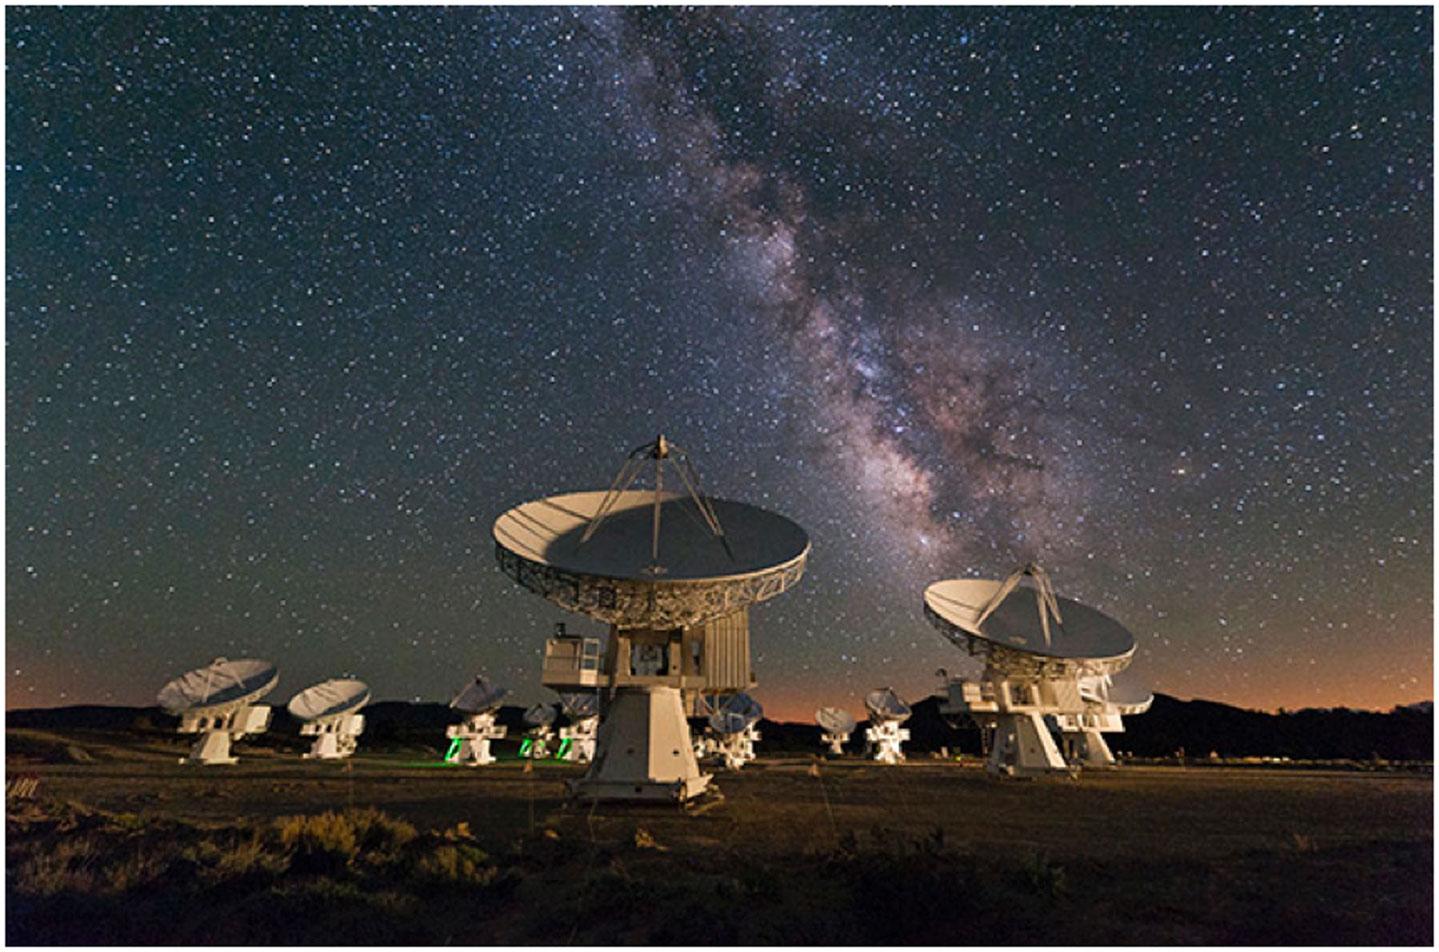 איור 1 - שביל החלב האסטרונום חוזה פרנסיסקו סלגאדו צילם את מרכז הגלקסיה שלנו.